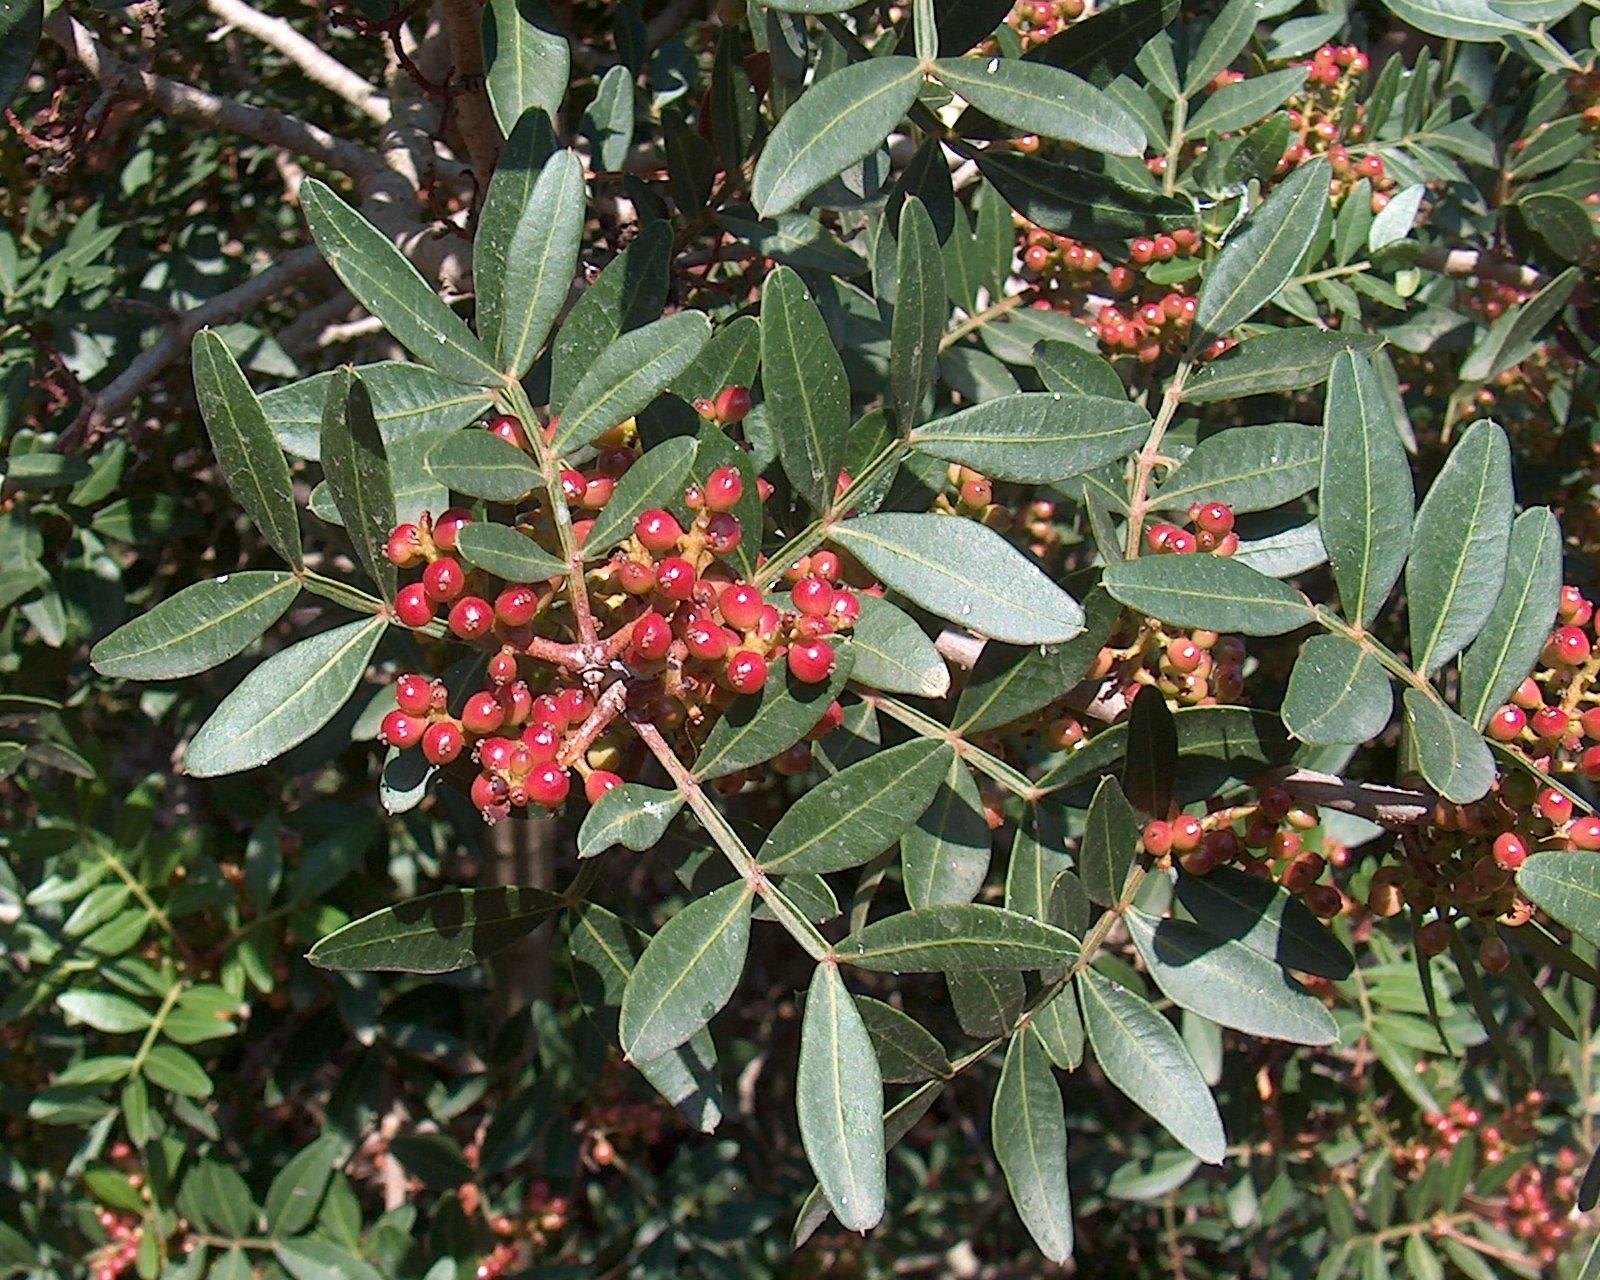 Ο Σχίνος είναι θάμνος αειθαλής, που μπορεί να φτάσει μέχρι τα 5 μέτρα. Ανθίζει την άνοιξη με κόκκινα άνθη και στη συνέχεια παράγει καρπούς μαύρου χρώματος. Είναι φυτό πολύ ανθεκτικό στην ξηρασία, σε ποικιλία εδαφικών τύπων και σε παραθαλάσσιες περιοχές